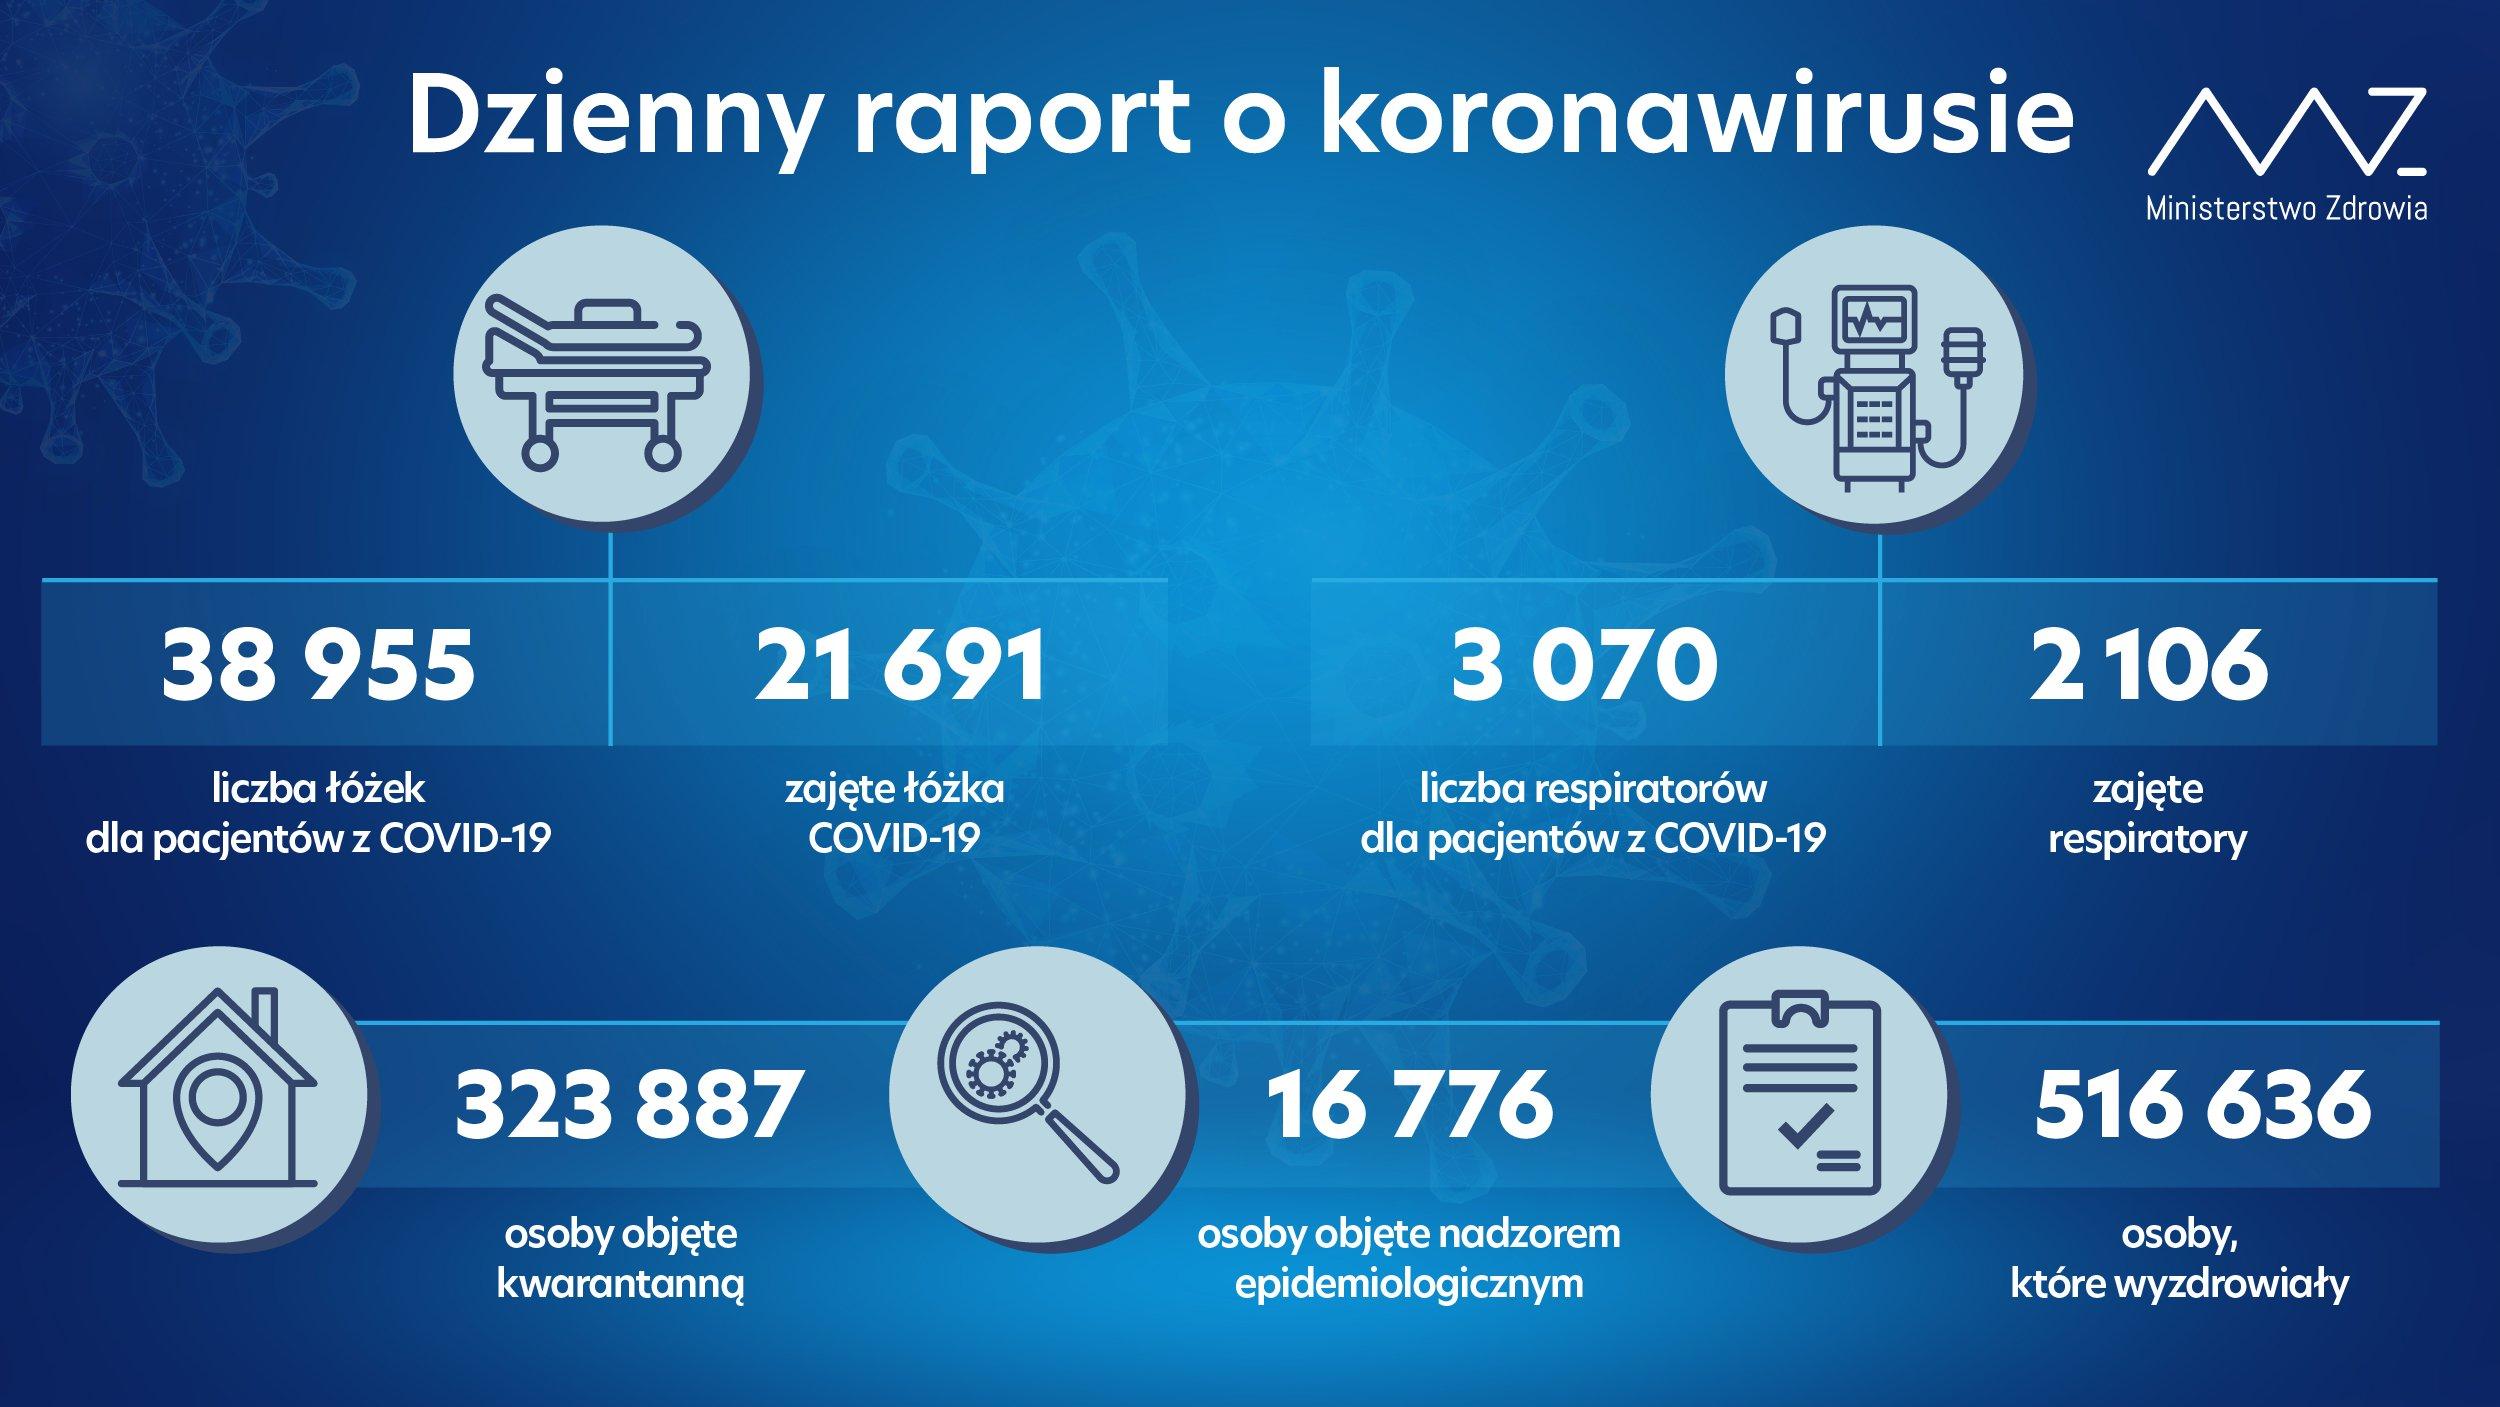 - liczba łóżek dla pacjentów z COVID-19: 38 955 - liczba łóżek zajętych: 21 691 - liczba respiratorów dla pacjentów z COVID-19: 3 070 - liczba zajętych respiratorów: 2 106 - liczba osób objętych kwarantanną: 323 887 - liczba osób objętych nadzorem sanitarno-epidemiologicznym: 16 776  - liczba osób, które wyzdrowiały: 516 636